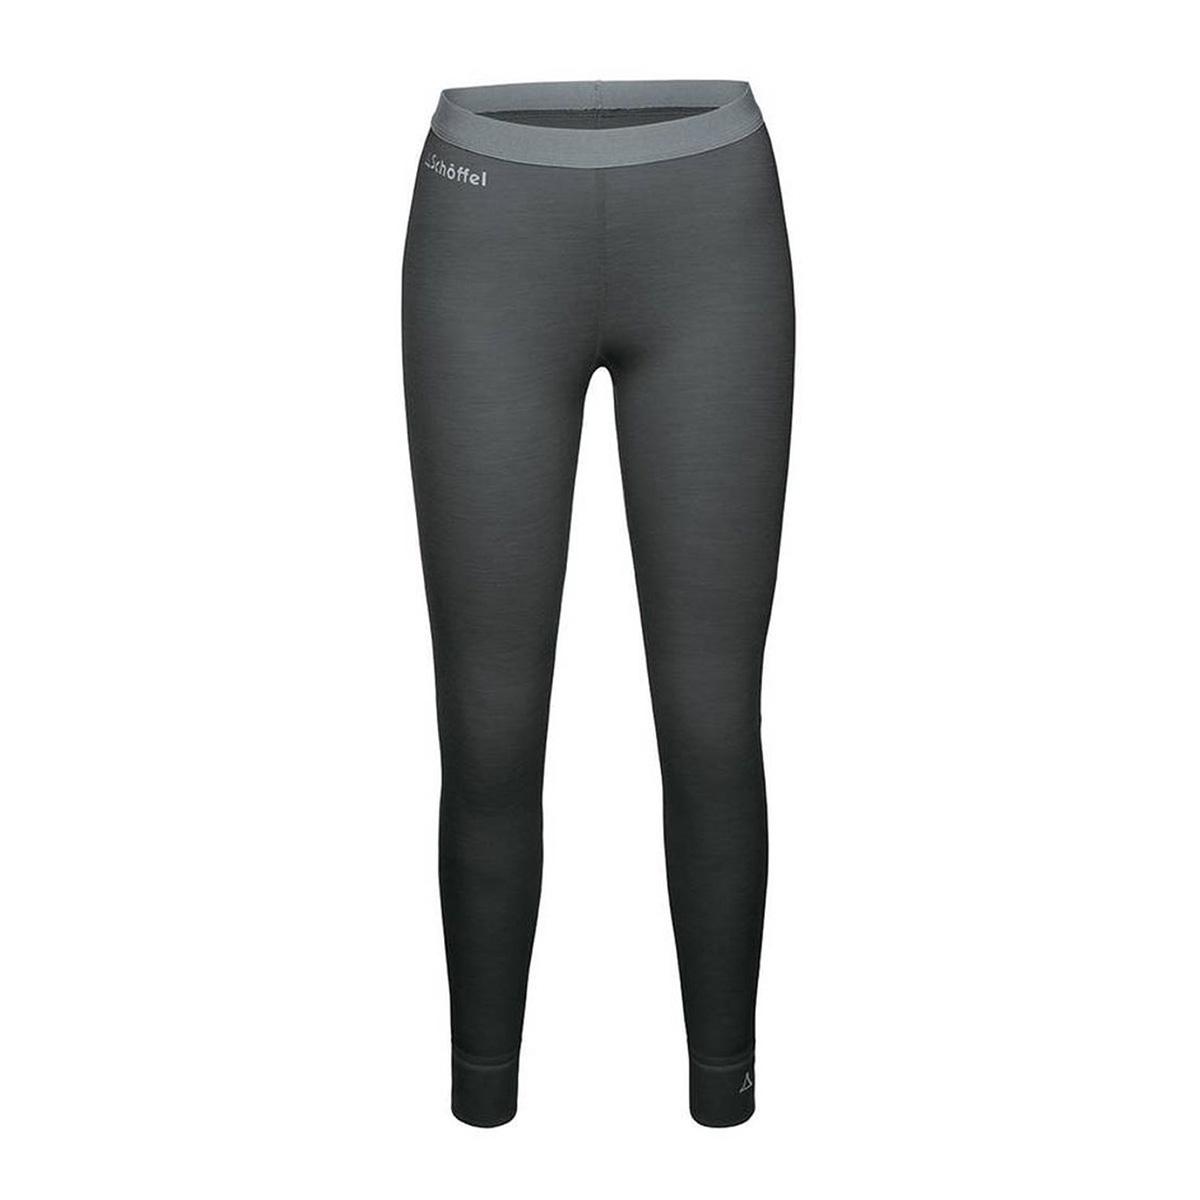 Schöffel Merino Sport Hose Damen anthrazit XL